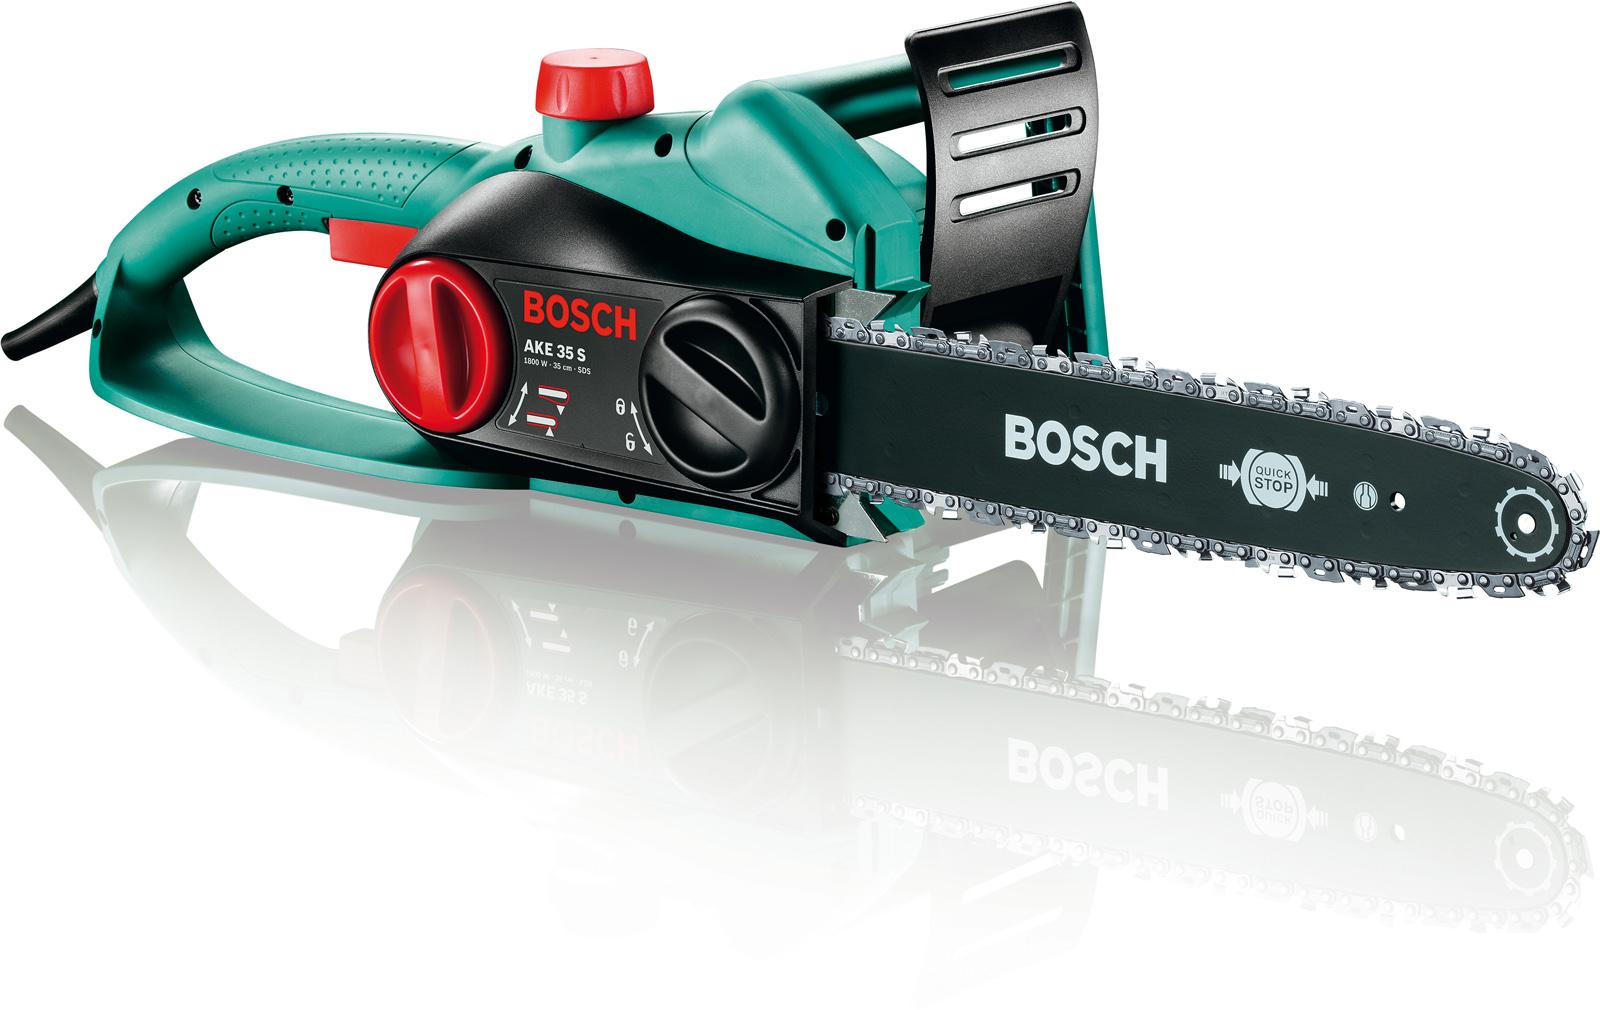 Пила цепная Bosch Ake 35 s (0.600.834.500) электропила bosch ake 35 s запасная цепь 0 600 834 502